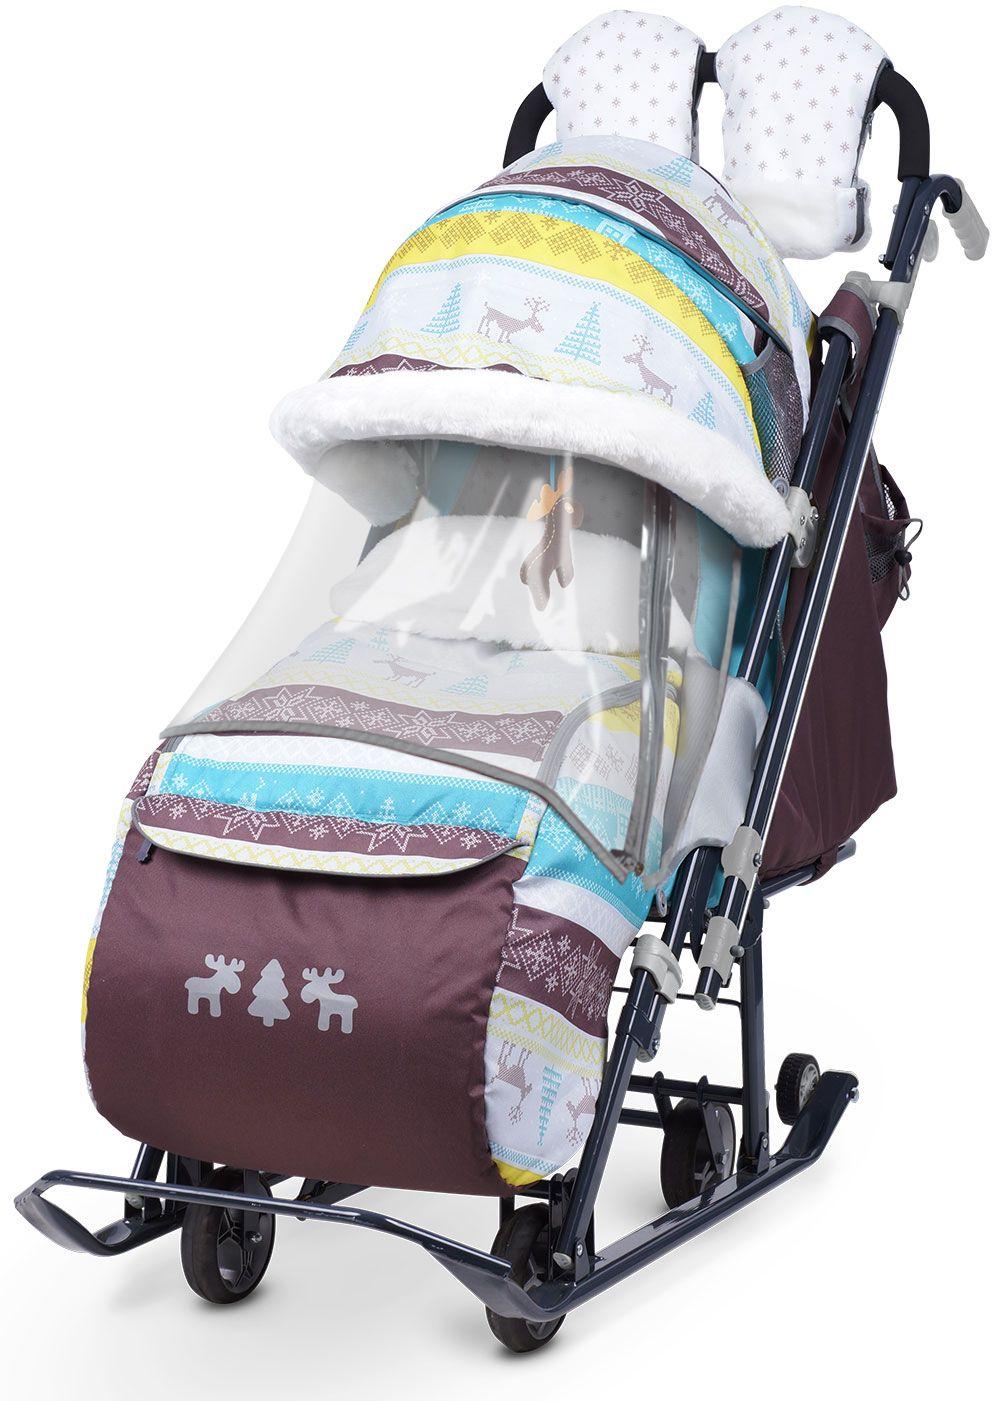 Санки коляска Ника Детям 7 3 в джинсовом стиле Скандинавский бирюзовый, - фото 1